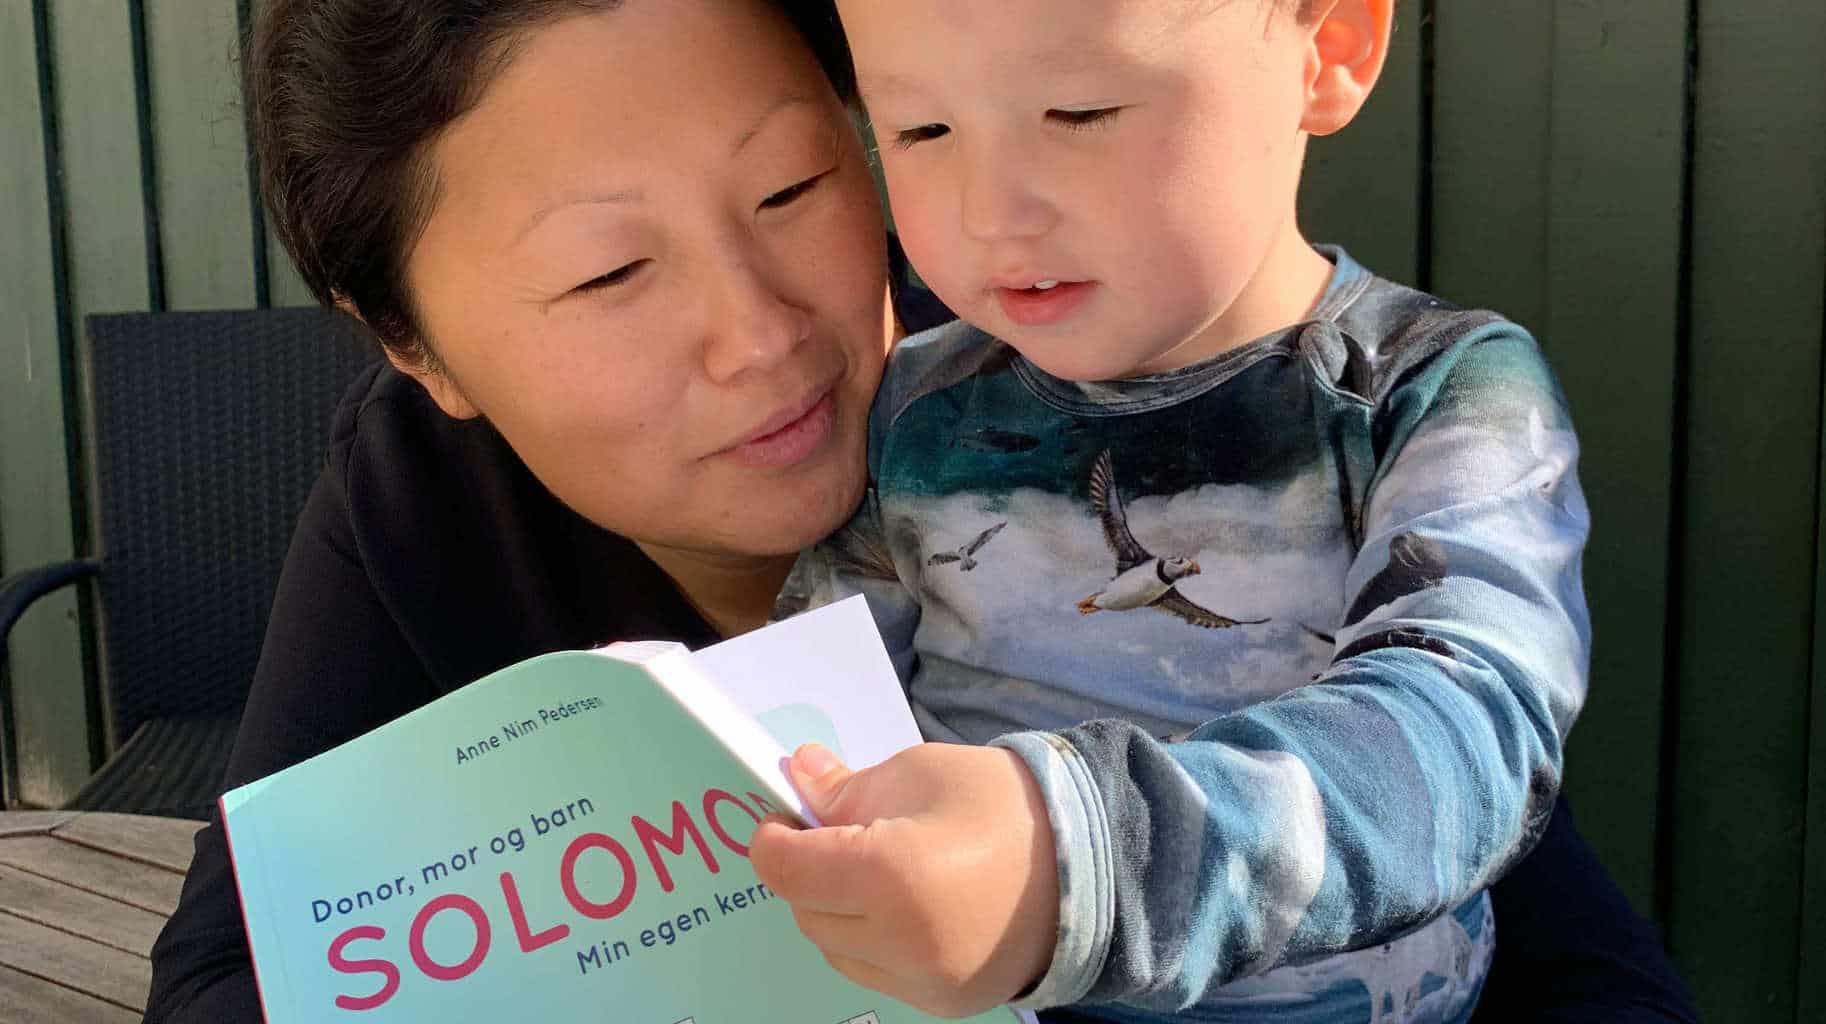 Donorbørn Archives | Solomor.dk